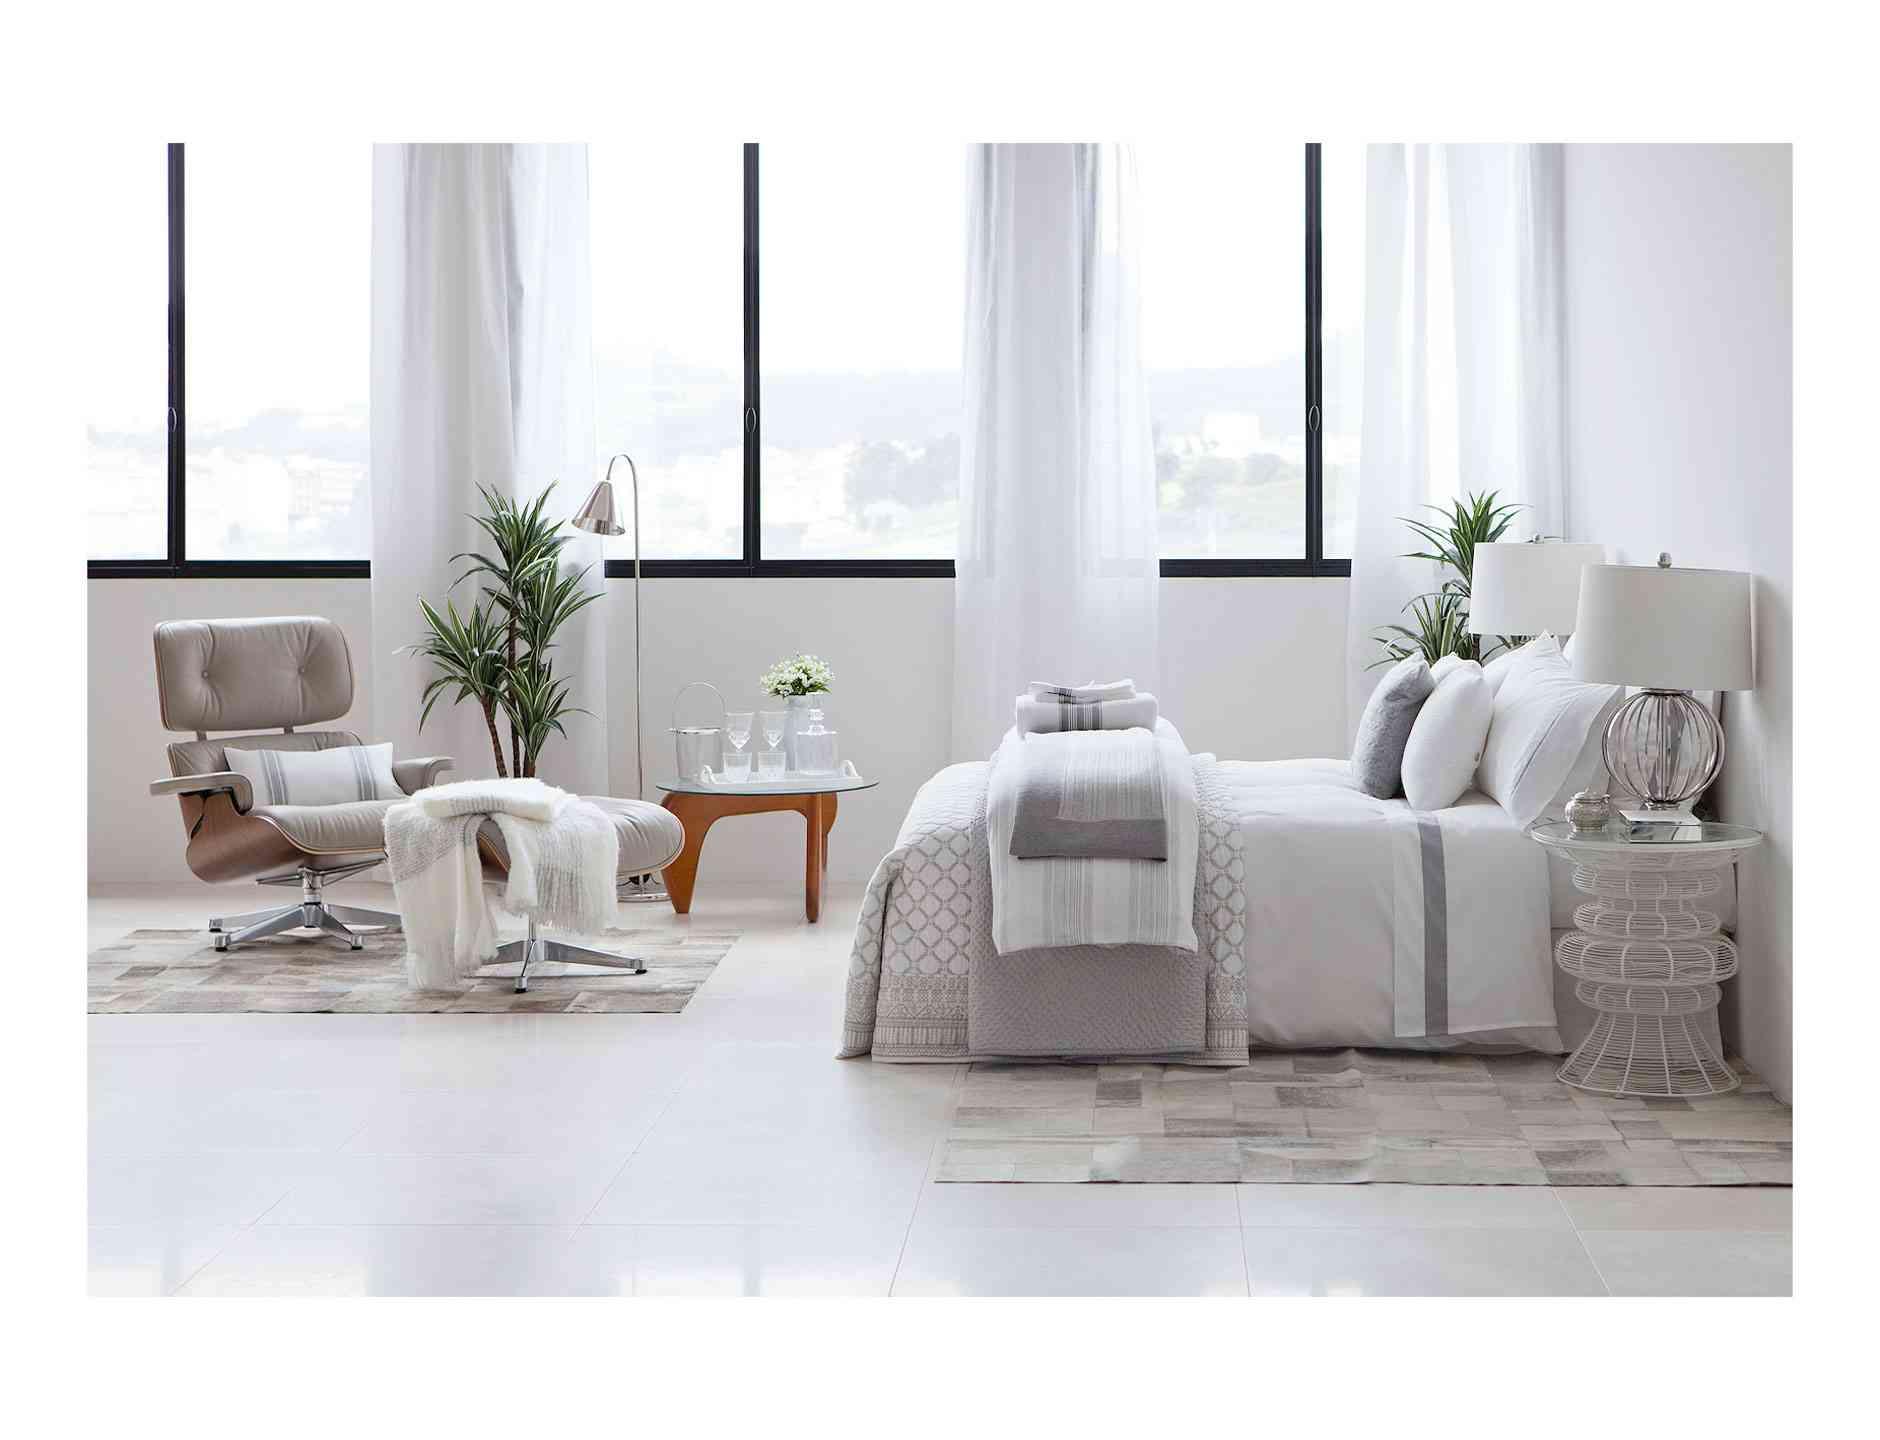 zara home accesorios y mobiliario 2014. Black Bedroom Furniture Sets. Home Design Ideas